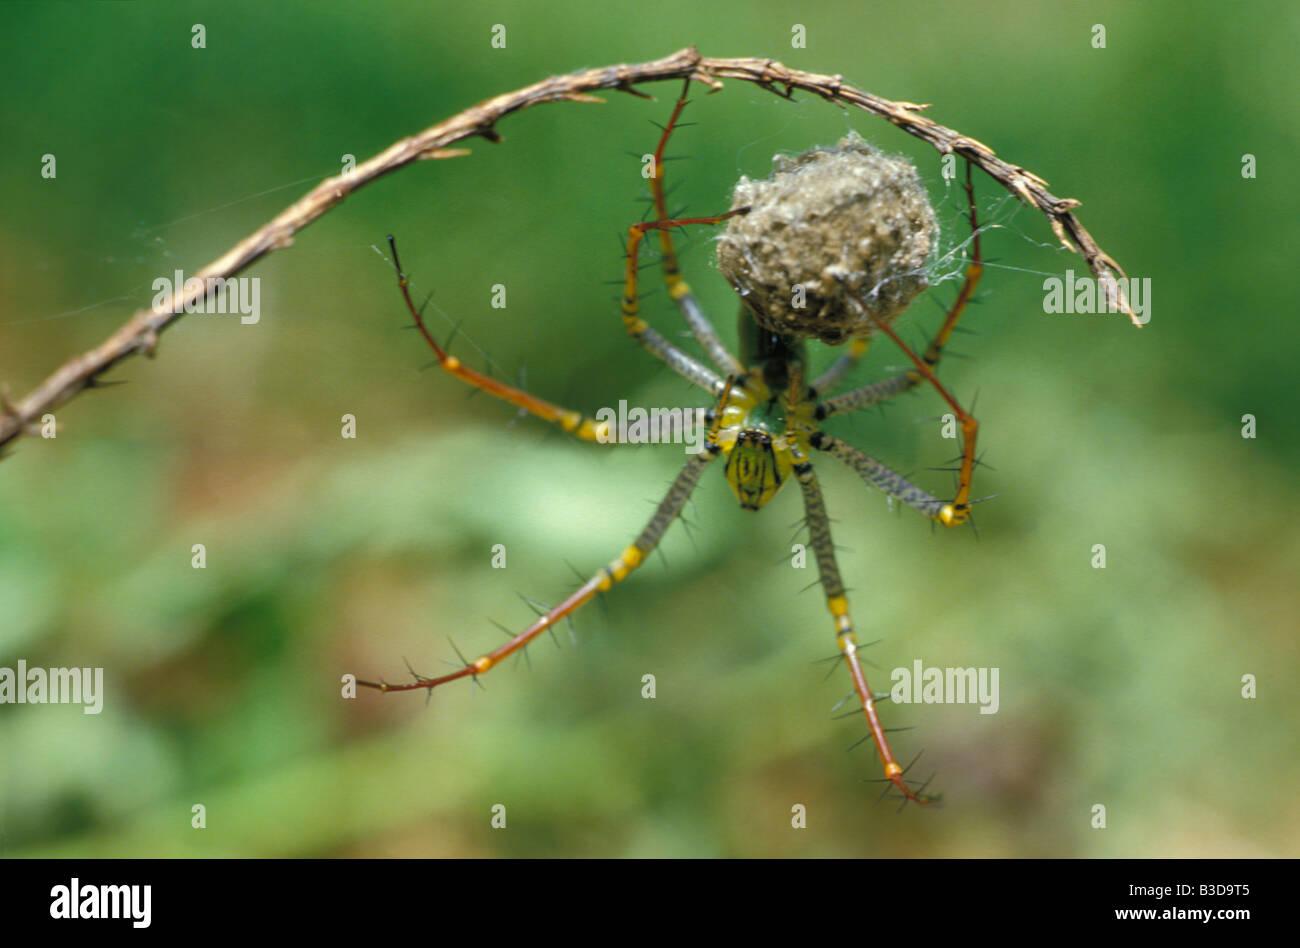 araignée lynx et son cocon Genre Peucetia dans la famille des Oxyopidae Ces araignées chasseuses 3 4 cm - Stock Image